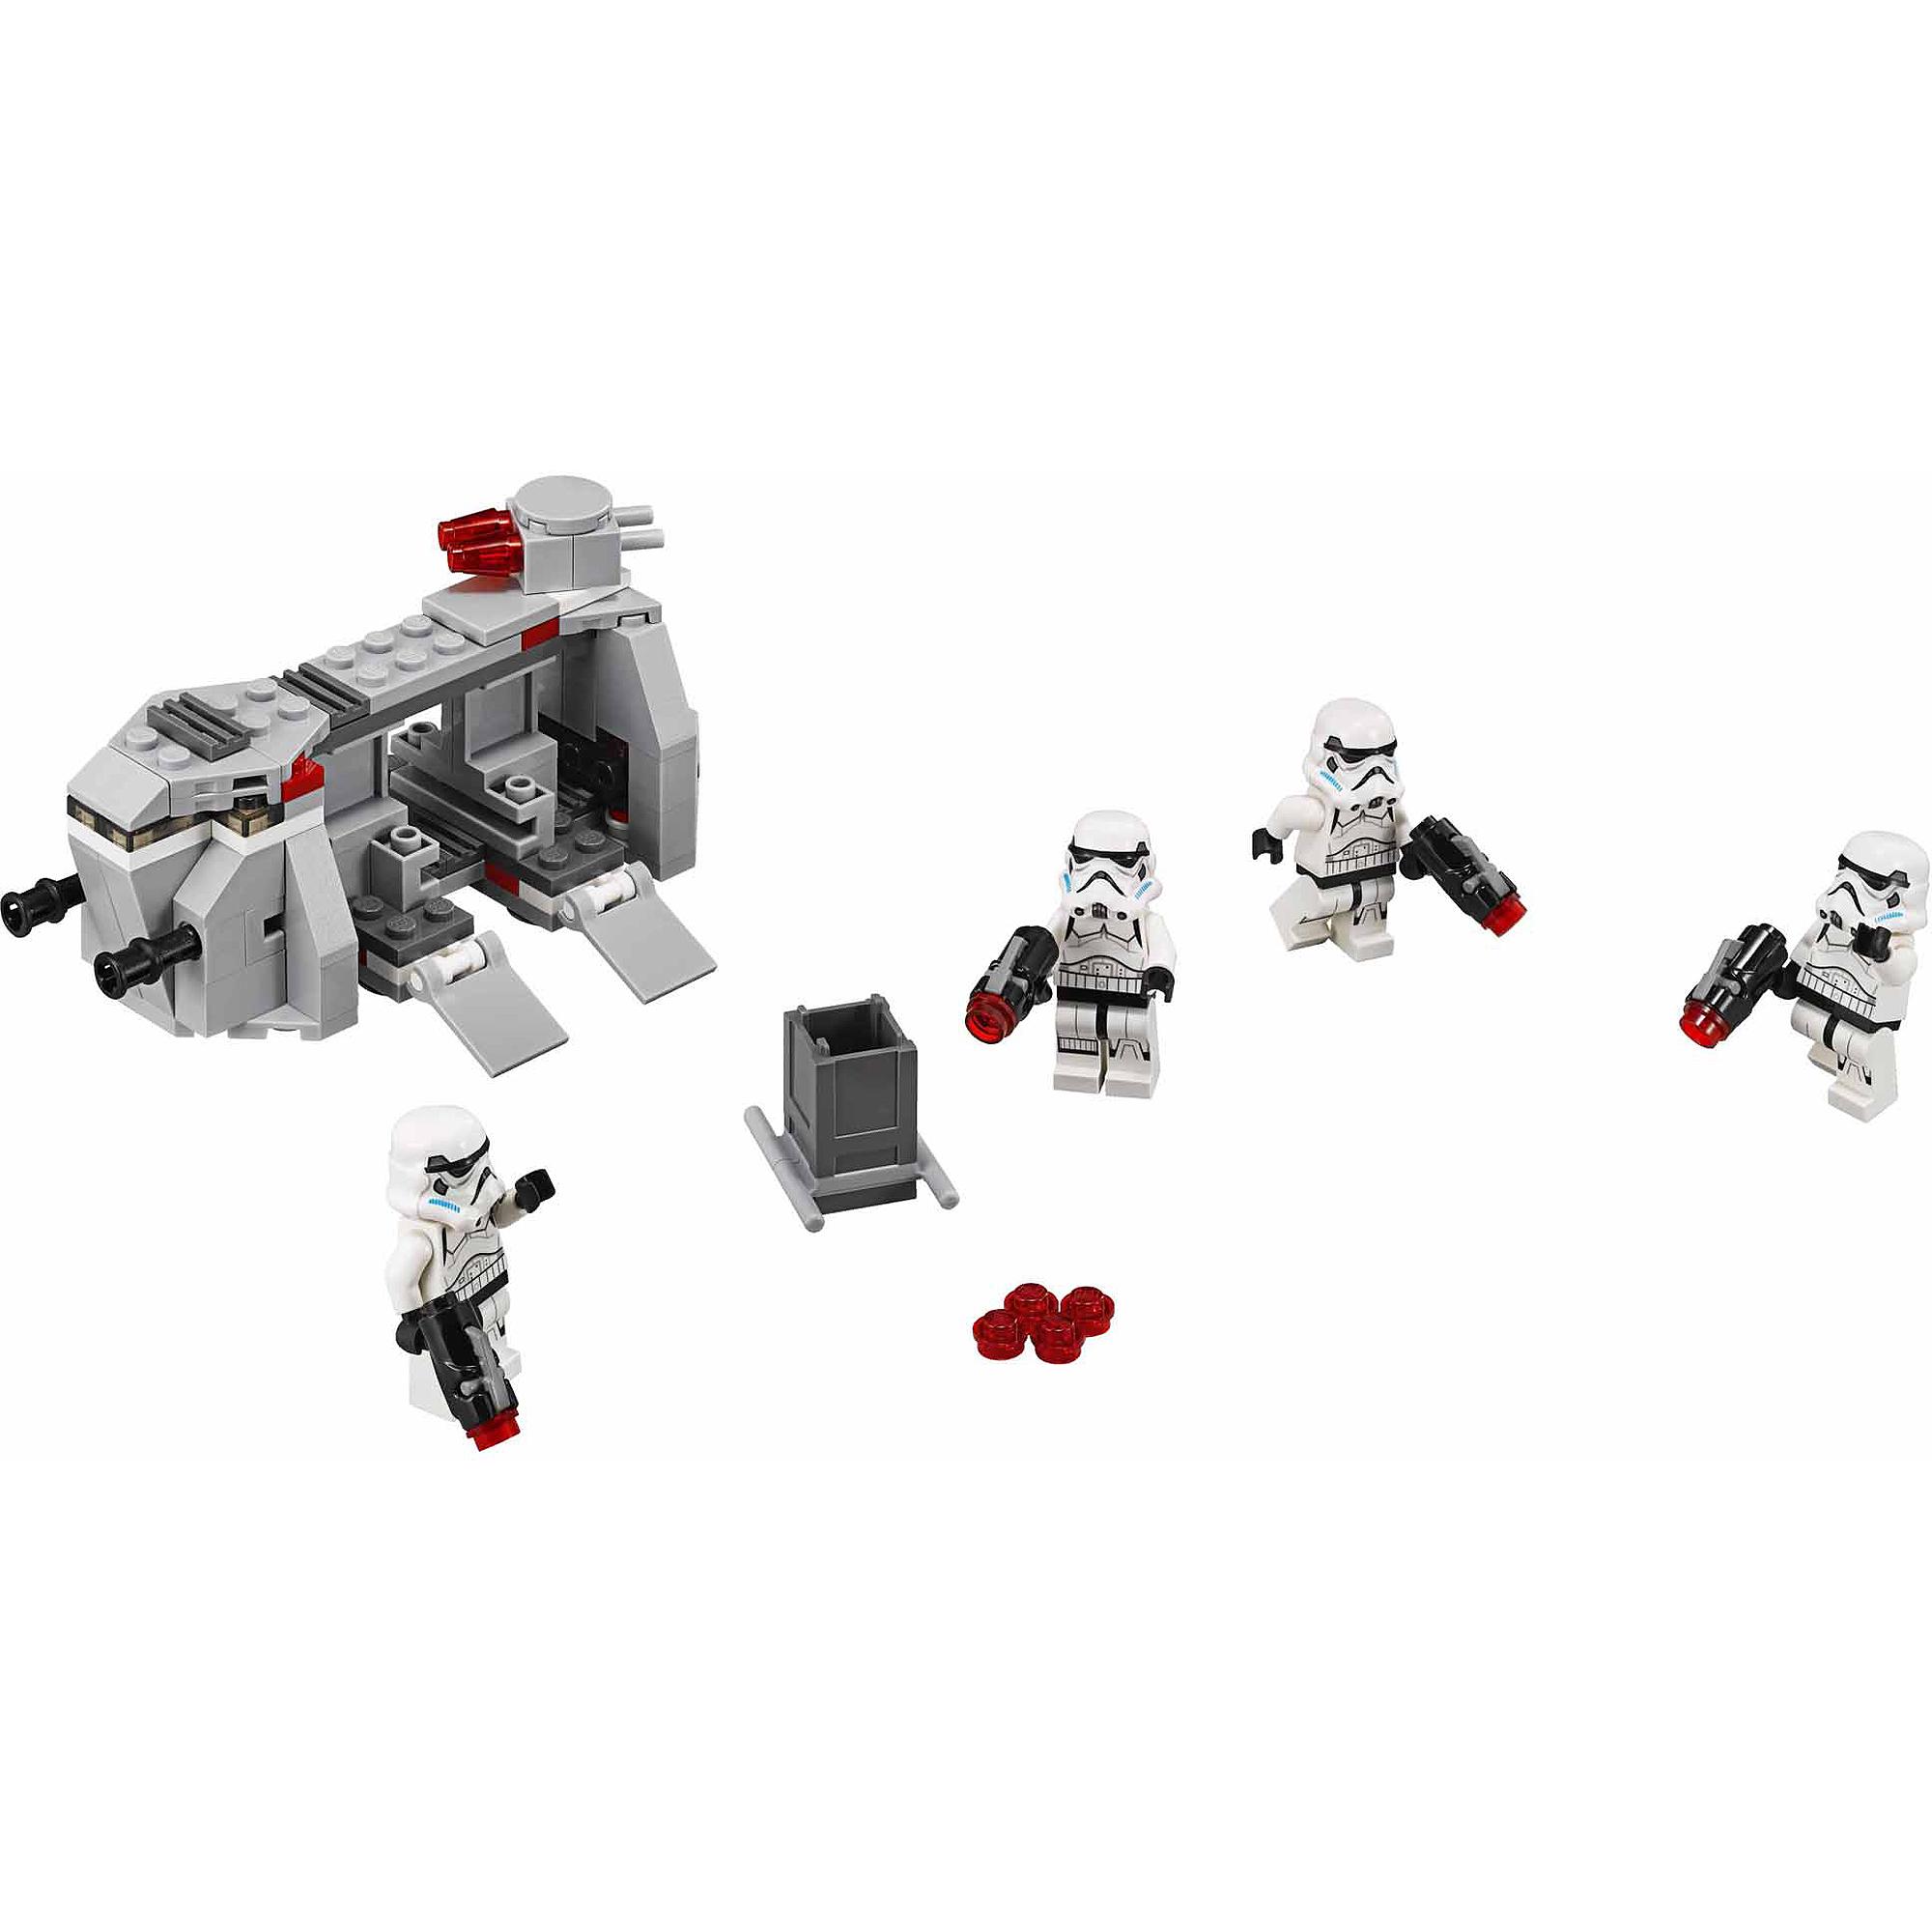 SWR Imperial Troop Transport Lego Set 3